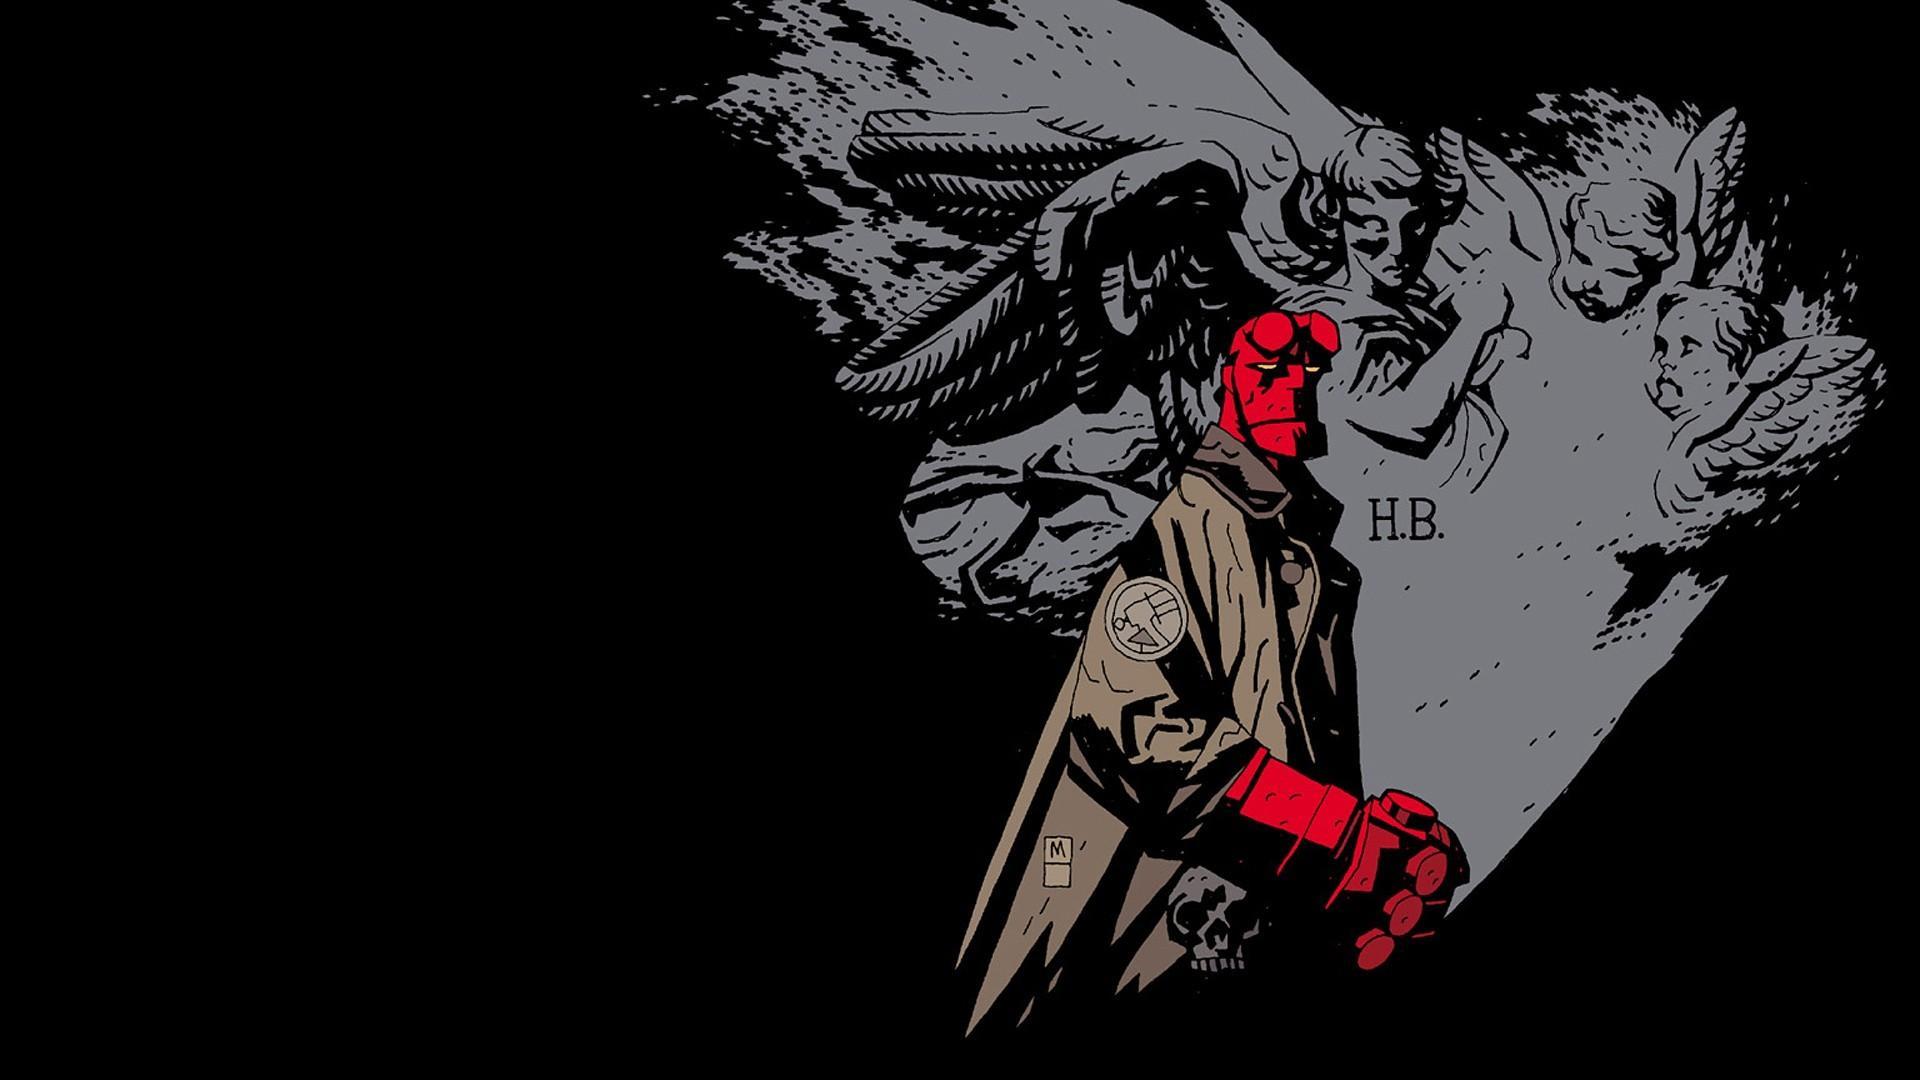 Comics hellboy wallpaper 58629 1920x1080